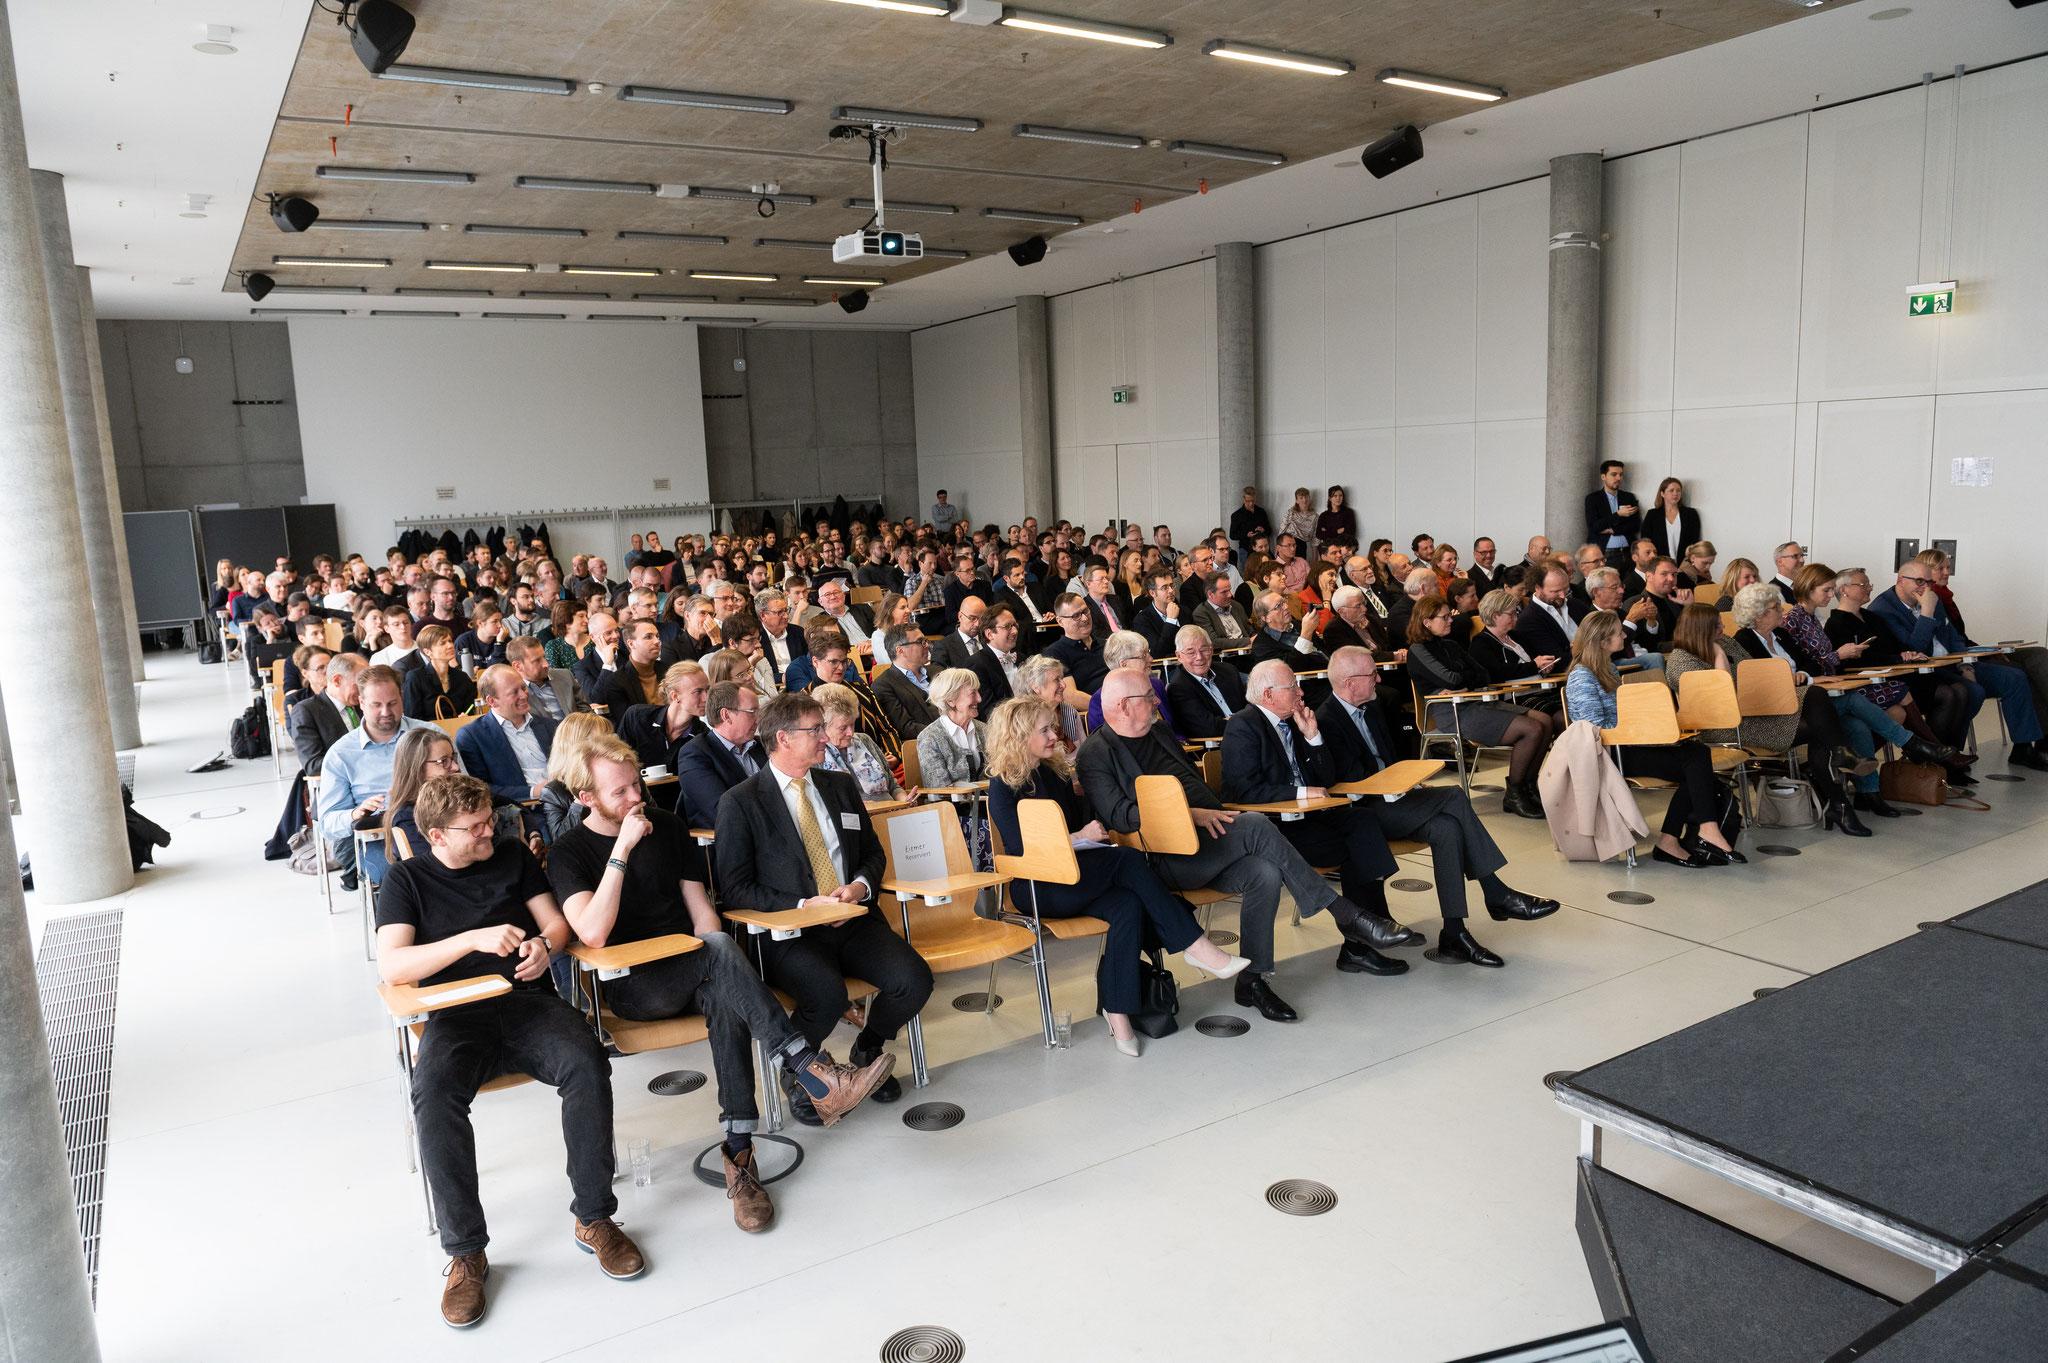 Bilder: HCU Hamburg